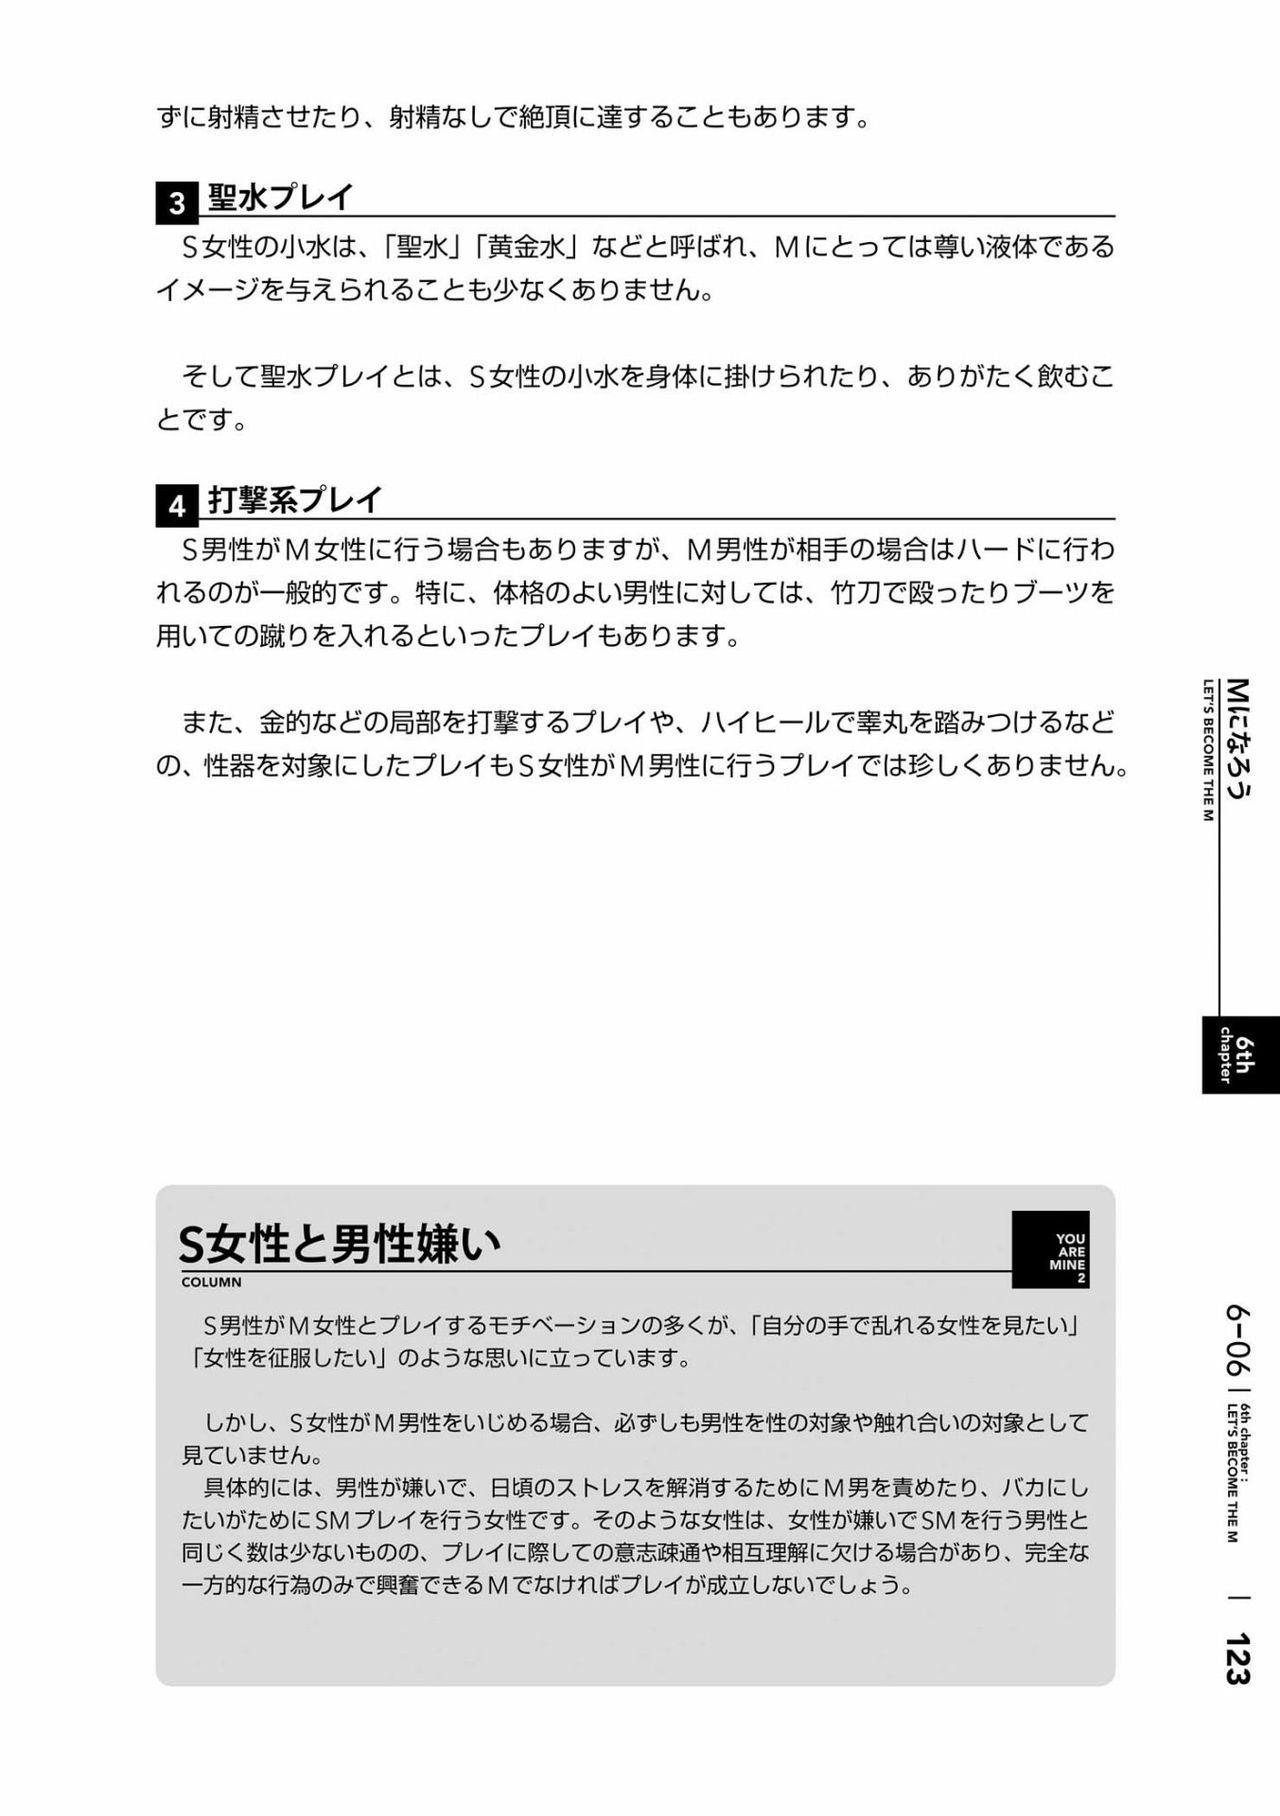 [Mitsuba] Karada mo Kokoro mo Boku no Mono ~Hajimete no SM Guide~ 2 [Digital] 125